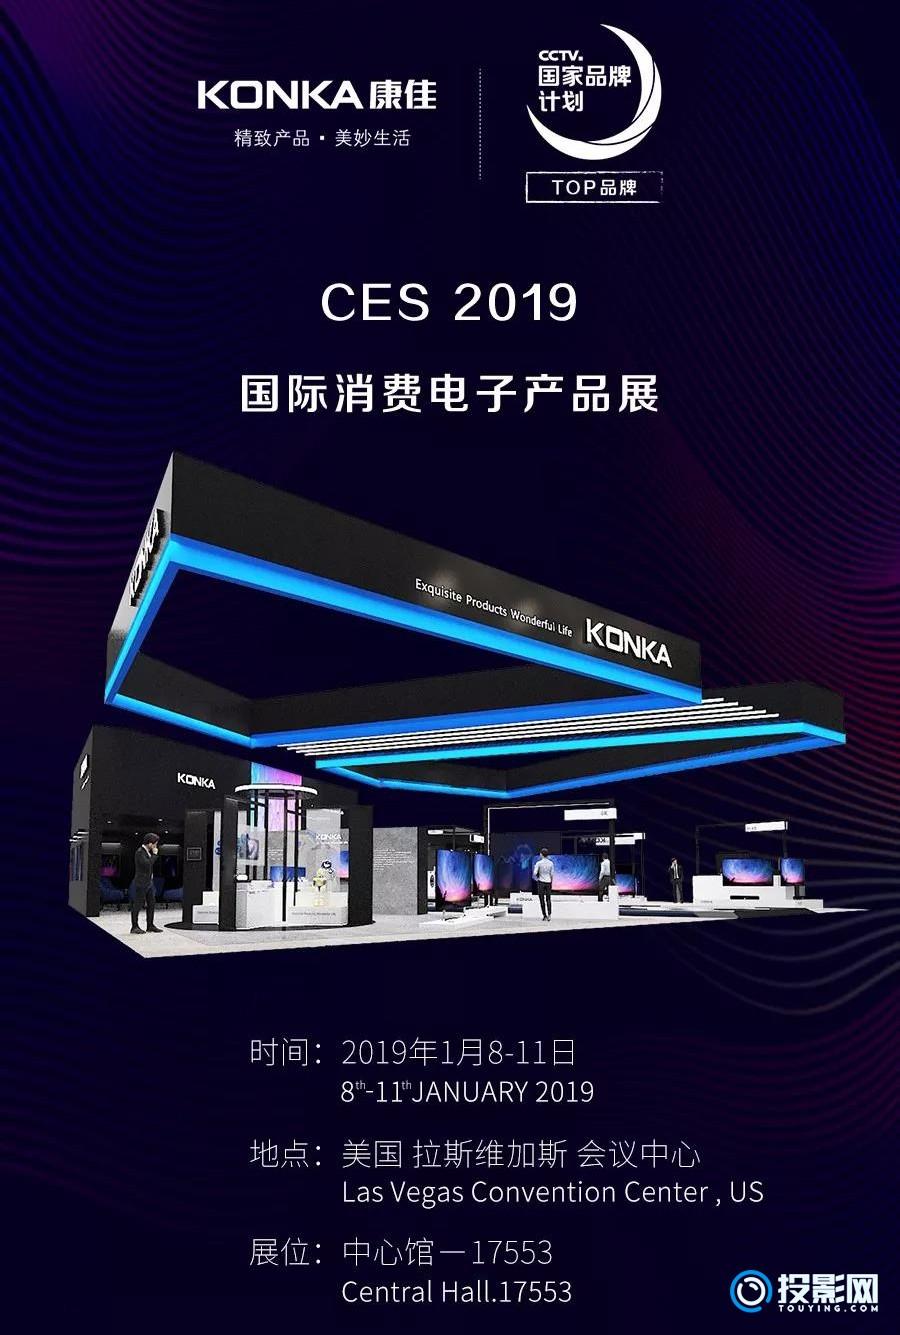 2019康佳扬帆出海,于国际CES展惊艳亮相!